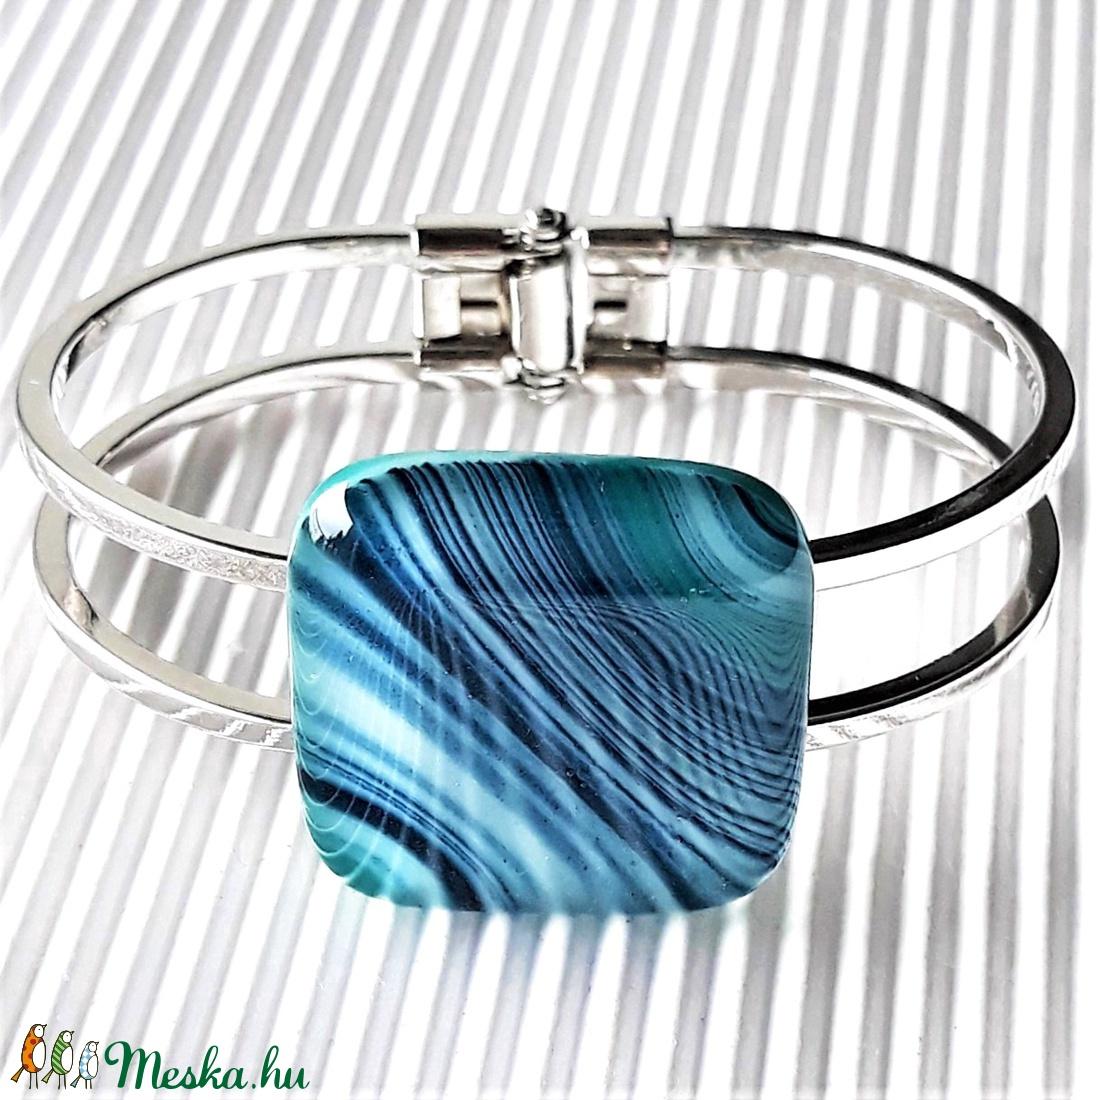 Smaragd-kék selyemcsillám üveg kocka karkötő platina bevonatú karperecen, üvegékszer - ékszer - karkötő - karkötő medállal - Meska.hu